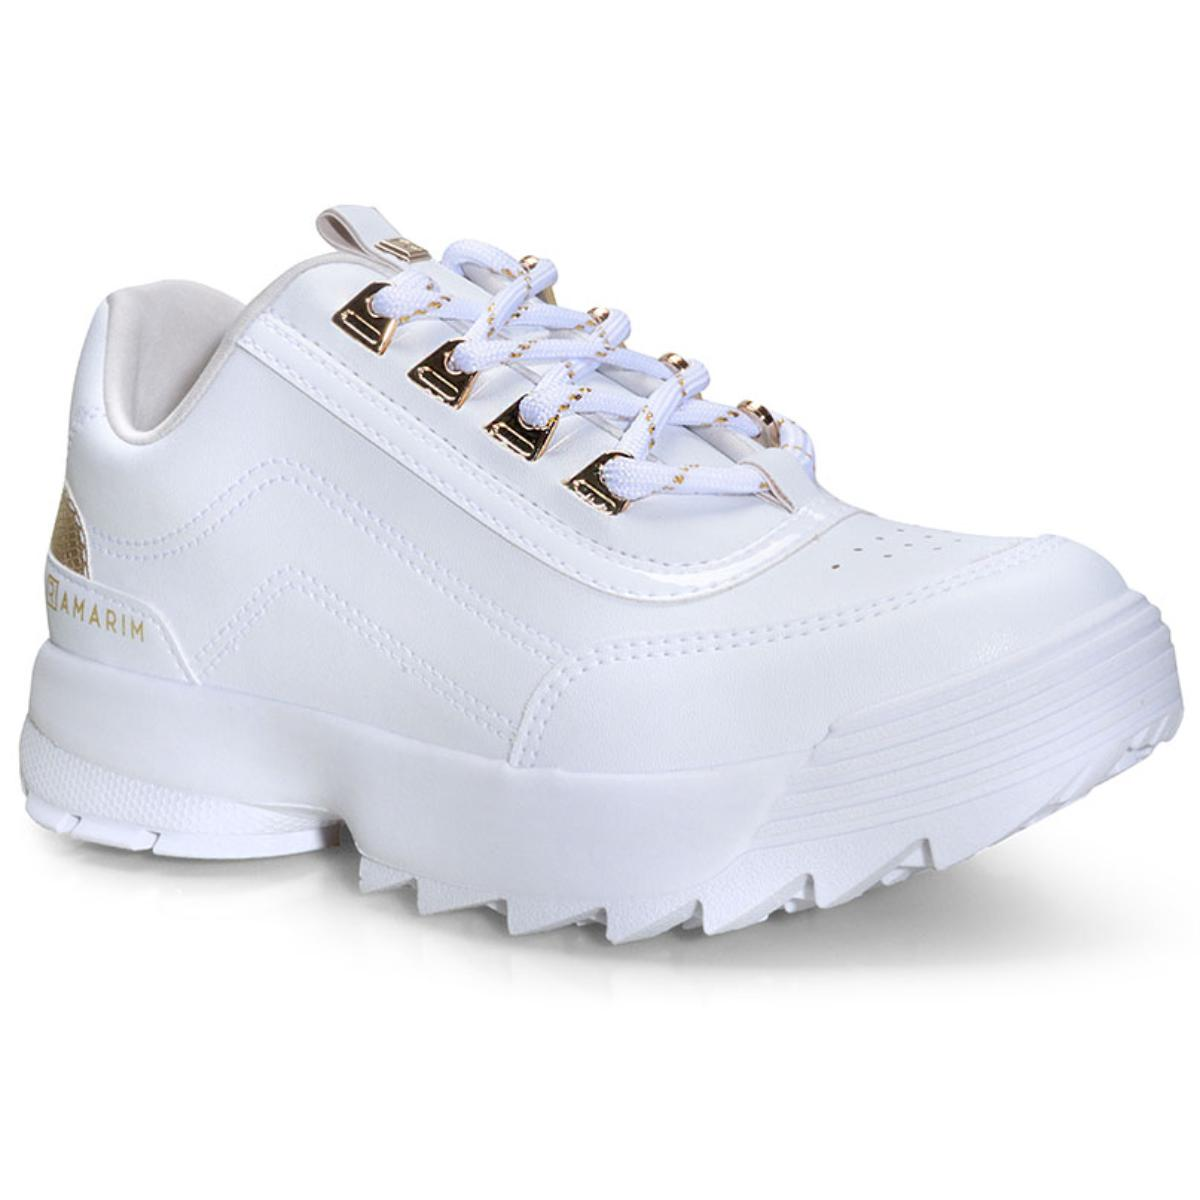 Tênis Feminino Ramarim 20-75204 Branco/ouro